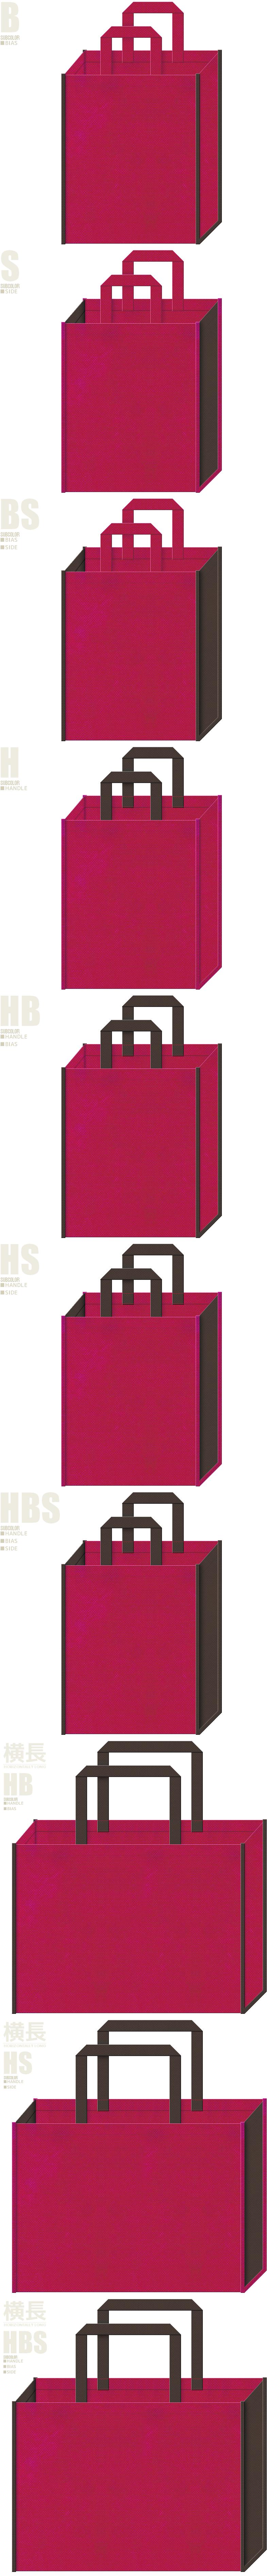 和風催事・振袖・梅・姫・ゲーム・ネイル・靴・ウィッグ・コスプレイベント・南国・ハワイアン・アロハシャツ・トロピカル・観光リゾート・トラベルバッグ・イチゴチョコレート・タピオカ・女子イベントにお奨めの不織布バッグデザイン:濃いピンク色とこげ茶色の配色7パターン